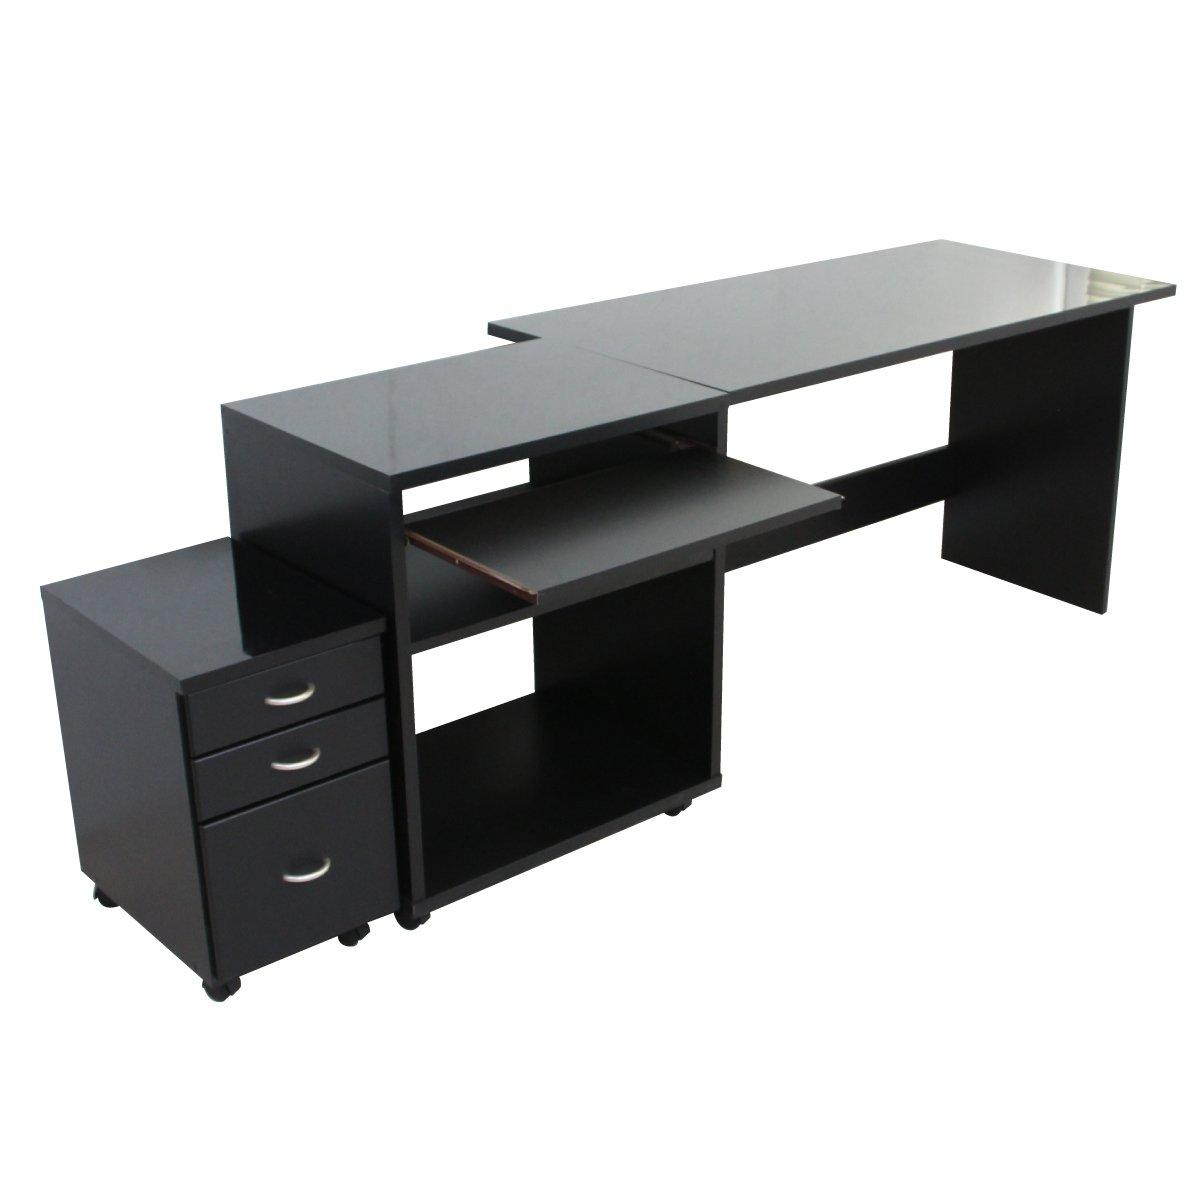 パソコン デスク 鏡面 120cm 幅 60cm 幅 ラック スライドテーブル チェスト ブラック 日本製 js18N-BK J-Supply B079L4GWJN